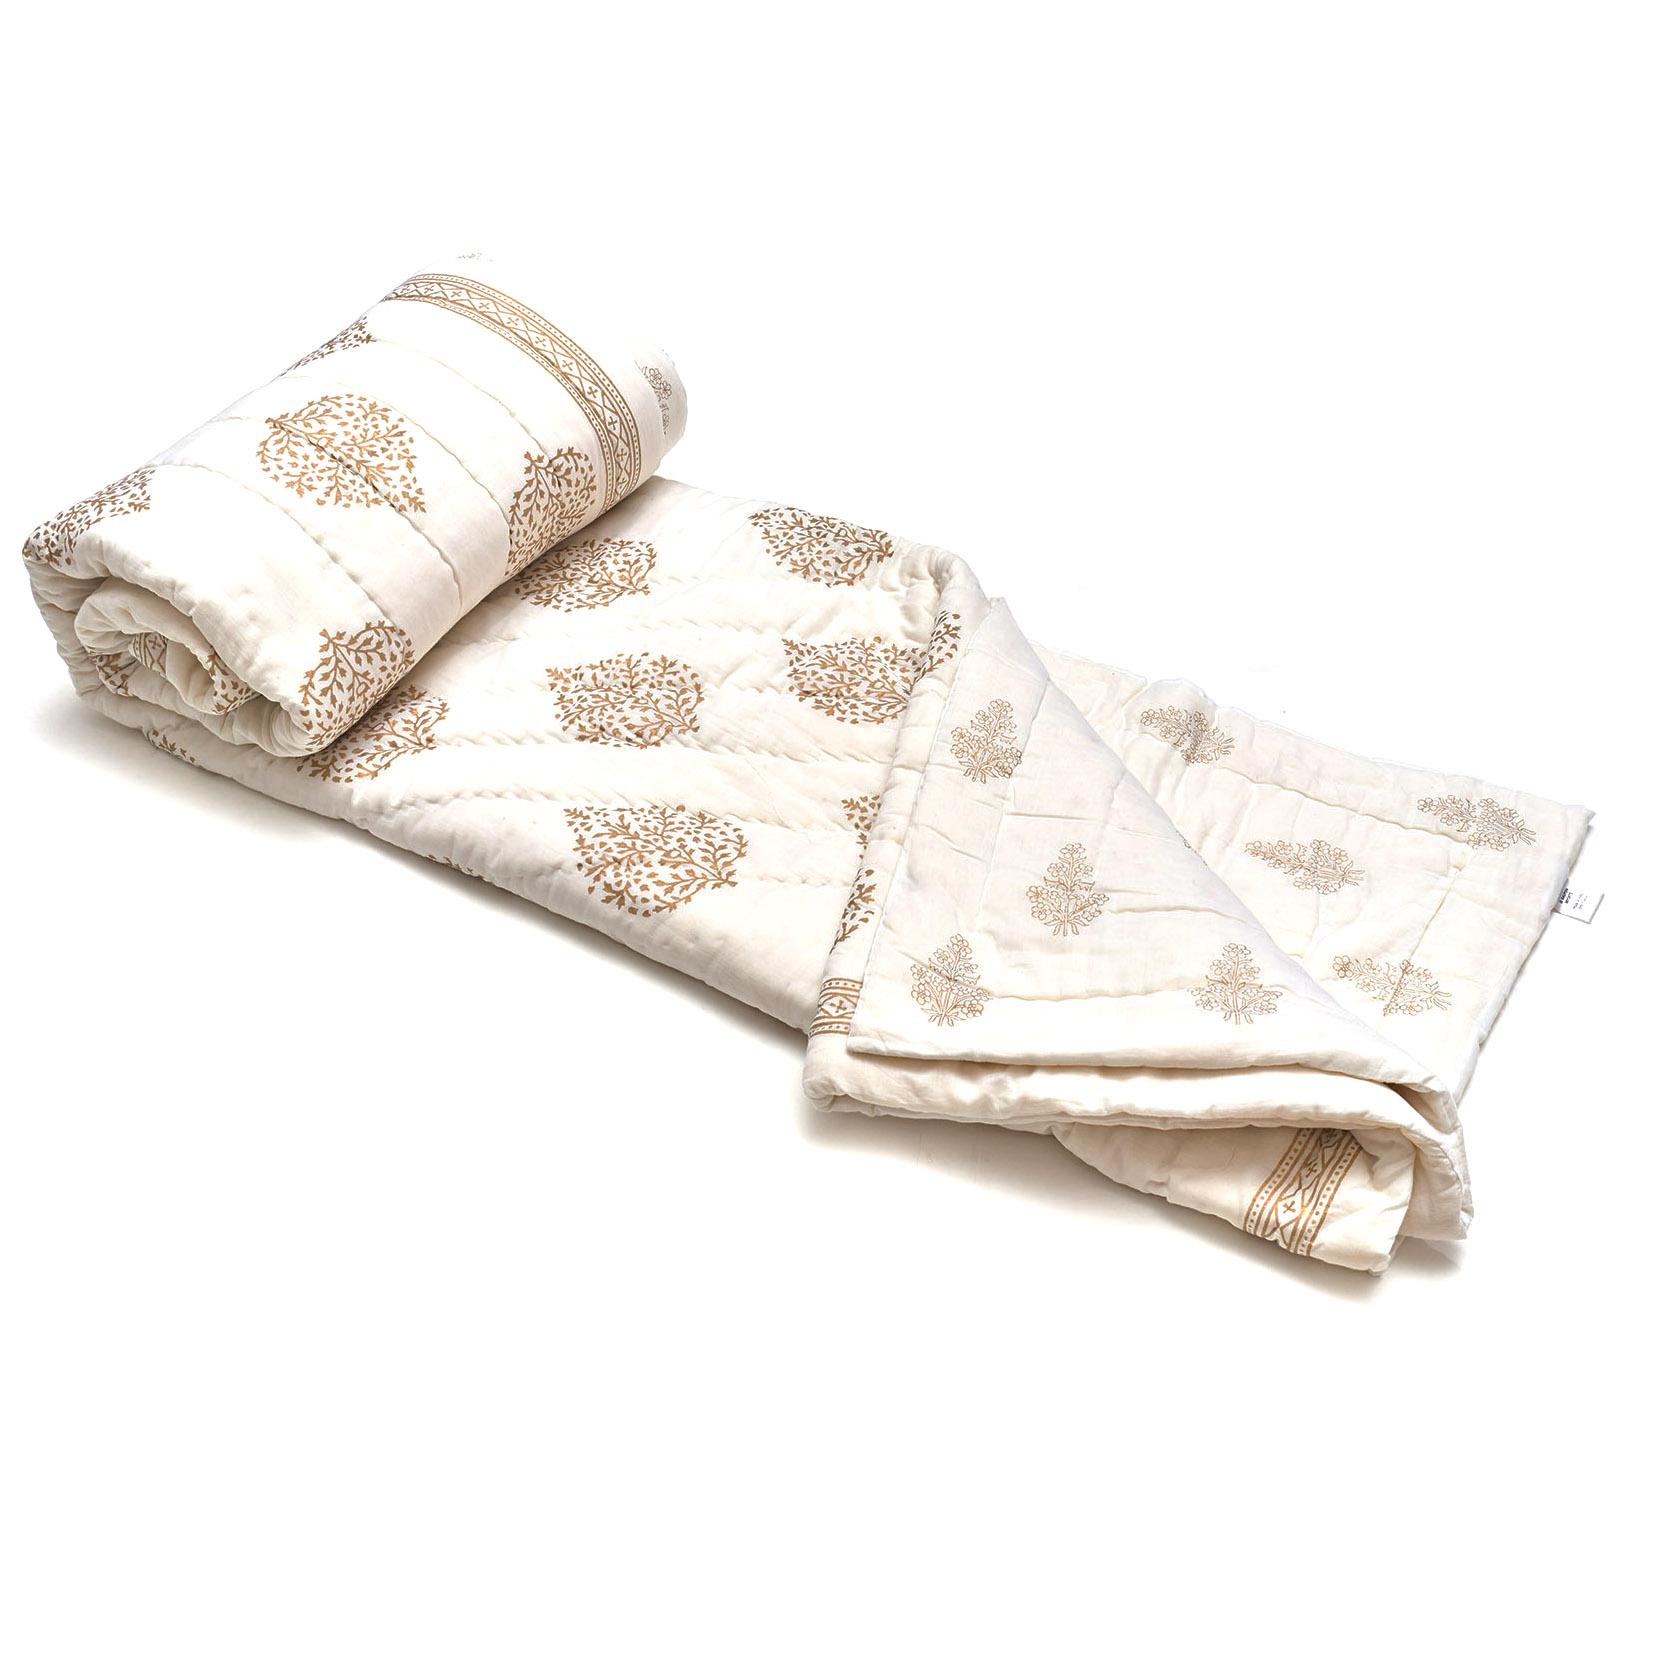 Acolchado liviano ideal para primavera y verano. Reversible, de algodón estampado a mano, dorado y blanco con 2 fundas de almohada